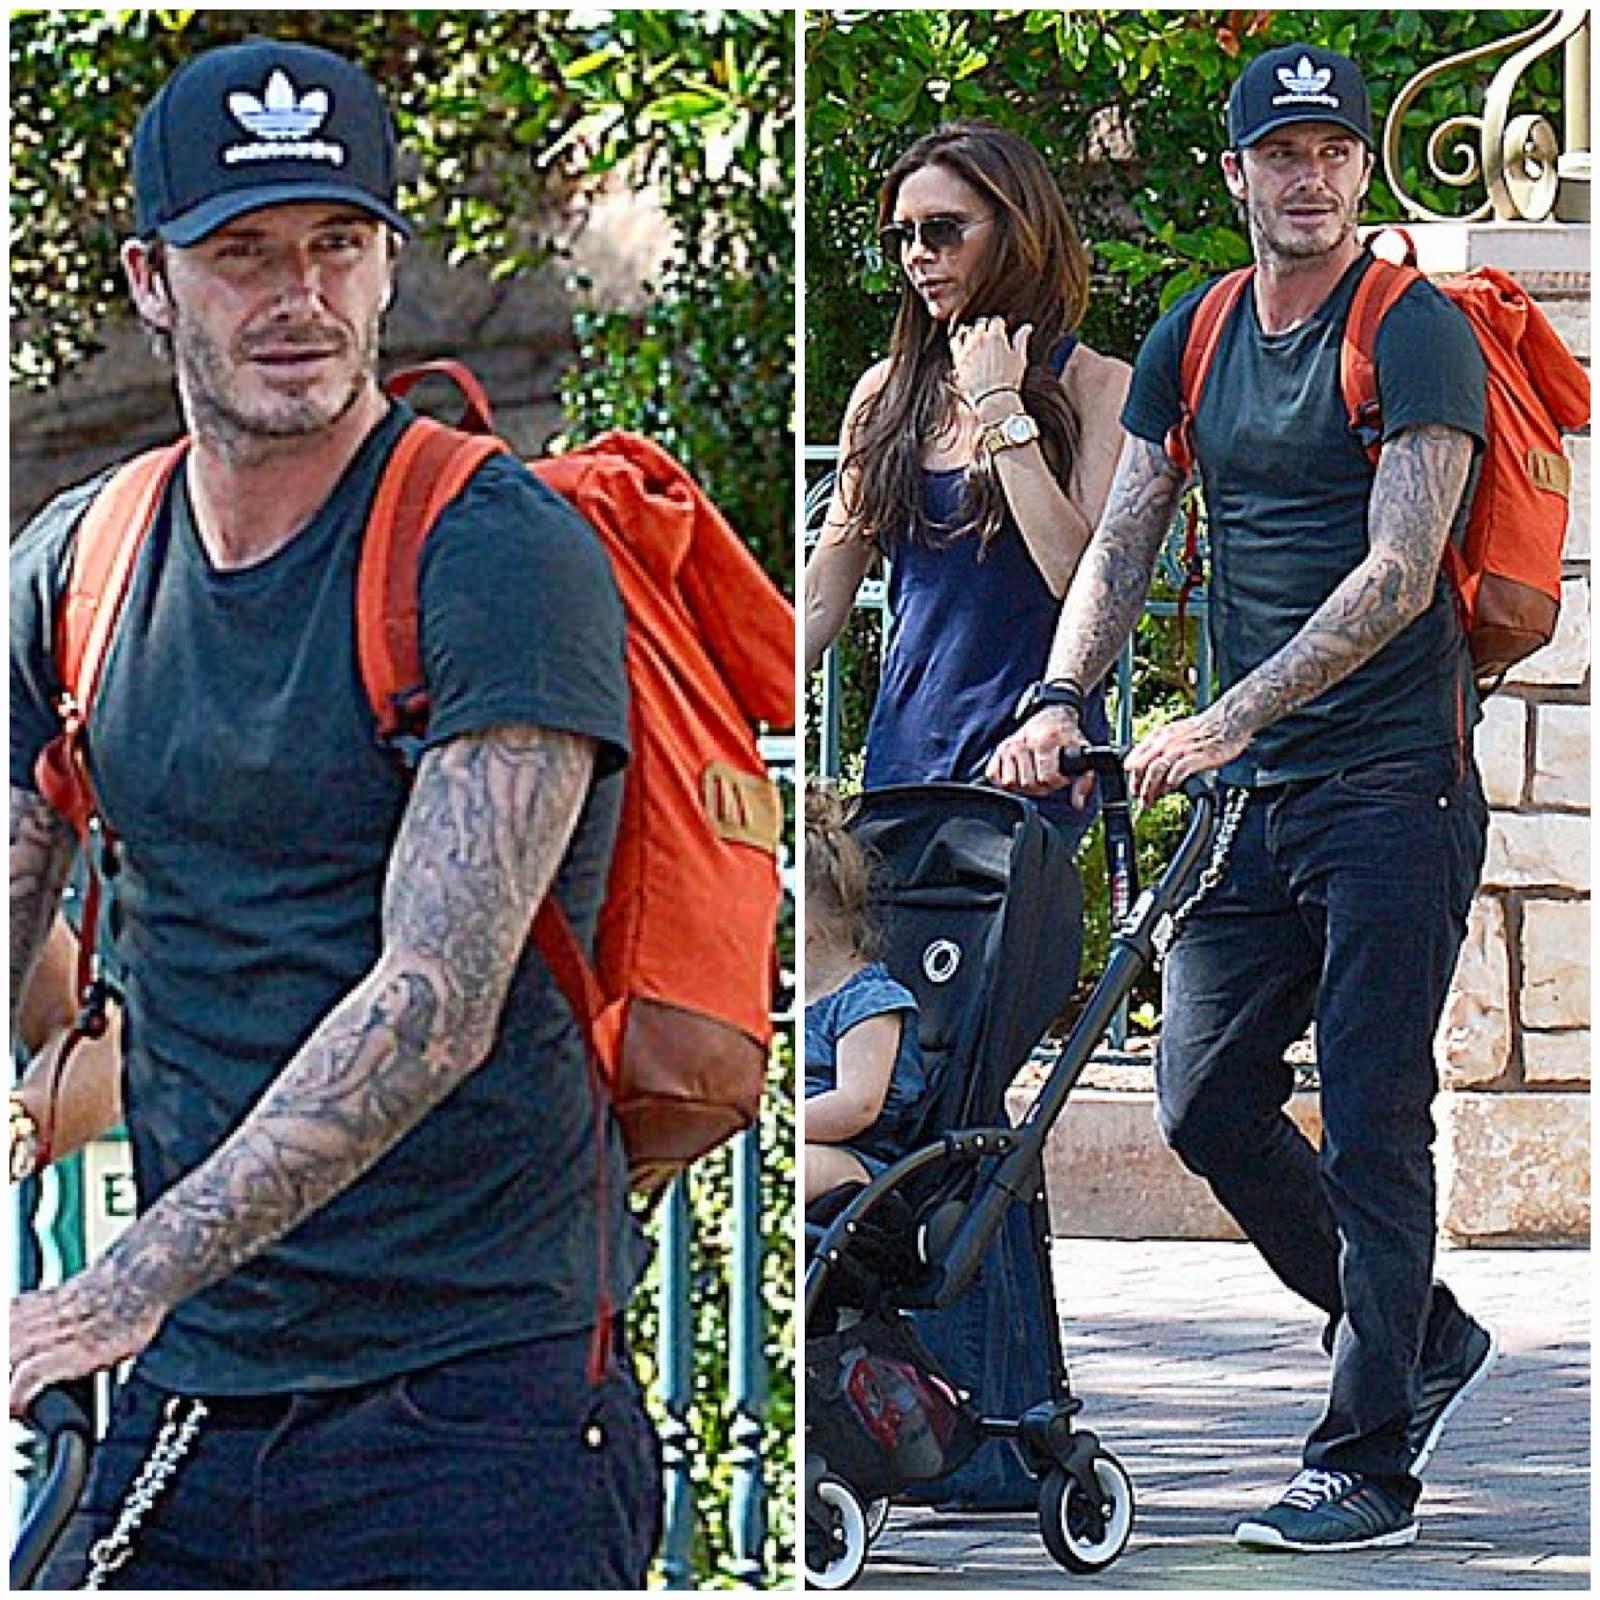 00O00 Menswear Blog: David Beckham's Seil Marschall backpack - Disneyland, California August 2013